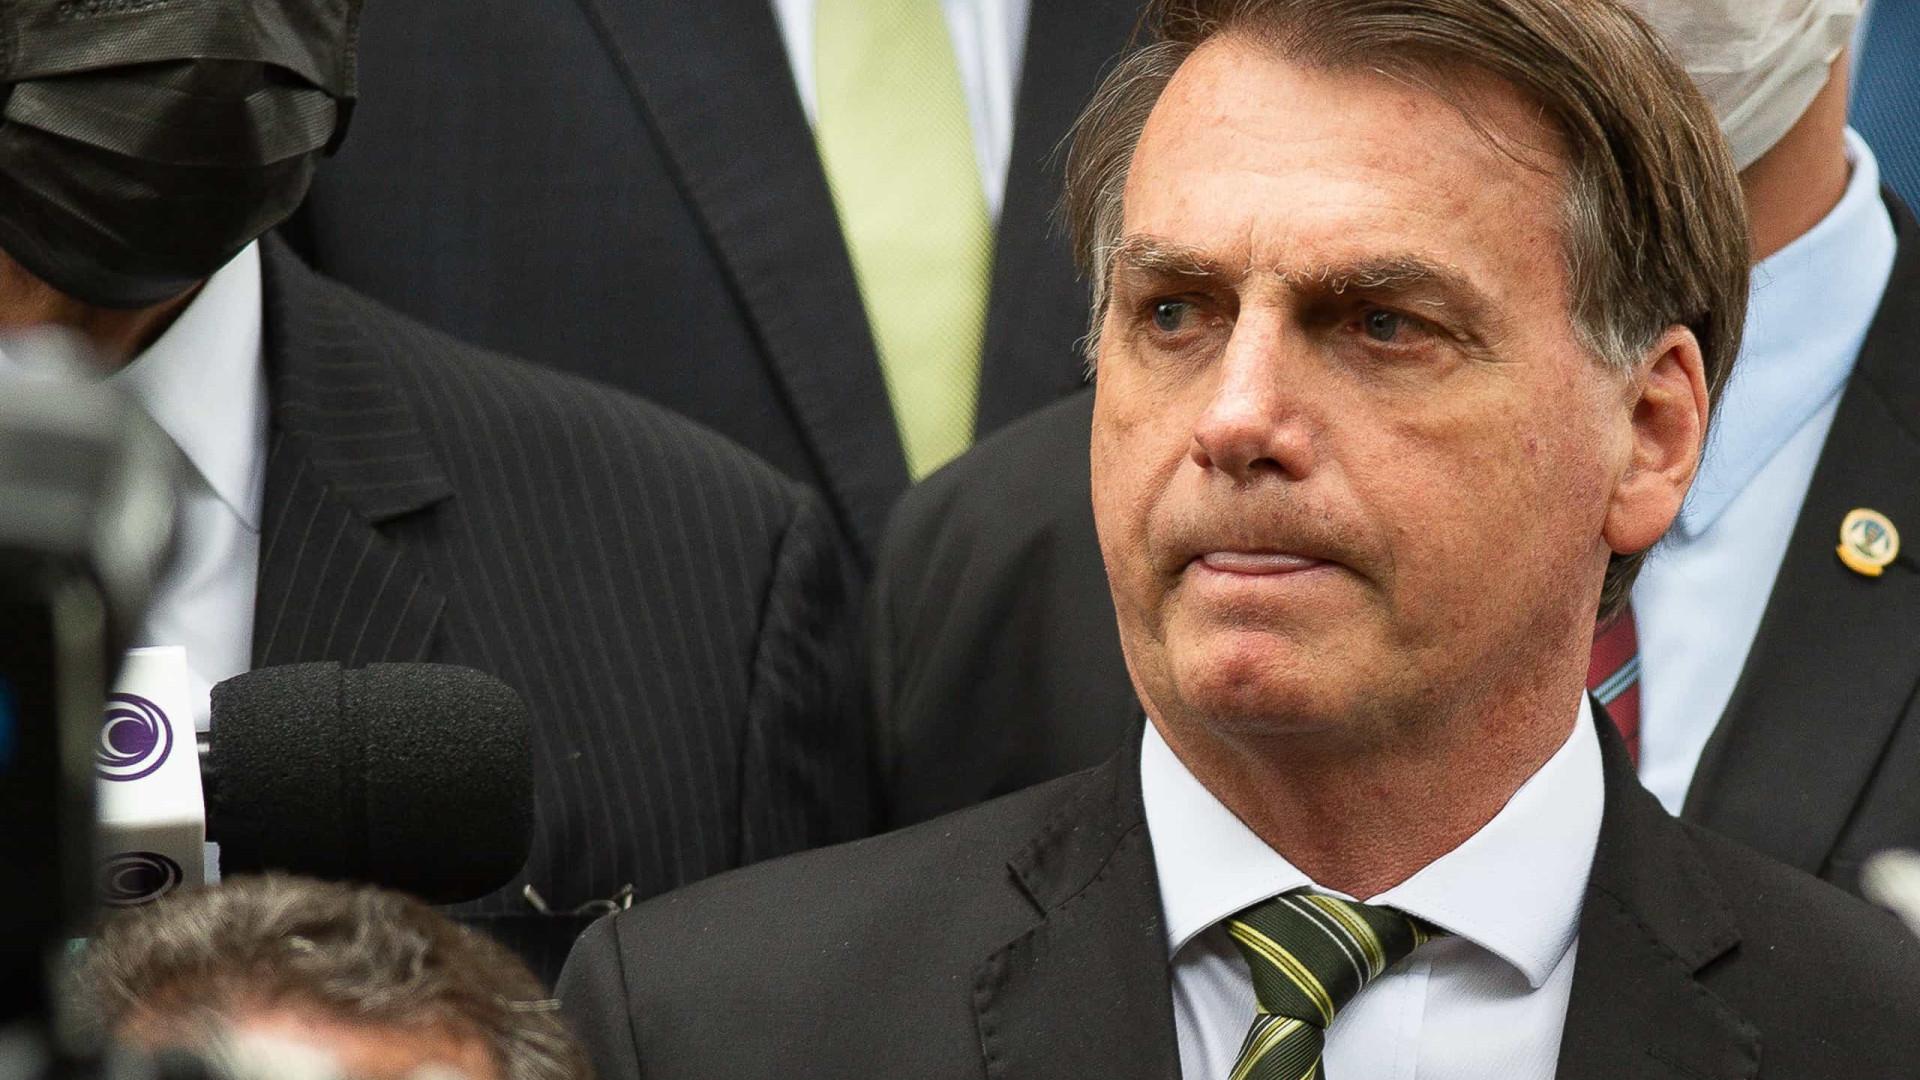 'Tudo aponta para uma crise', diz Bolsonaro ao citar Judiciário